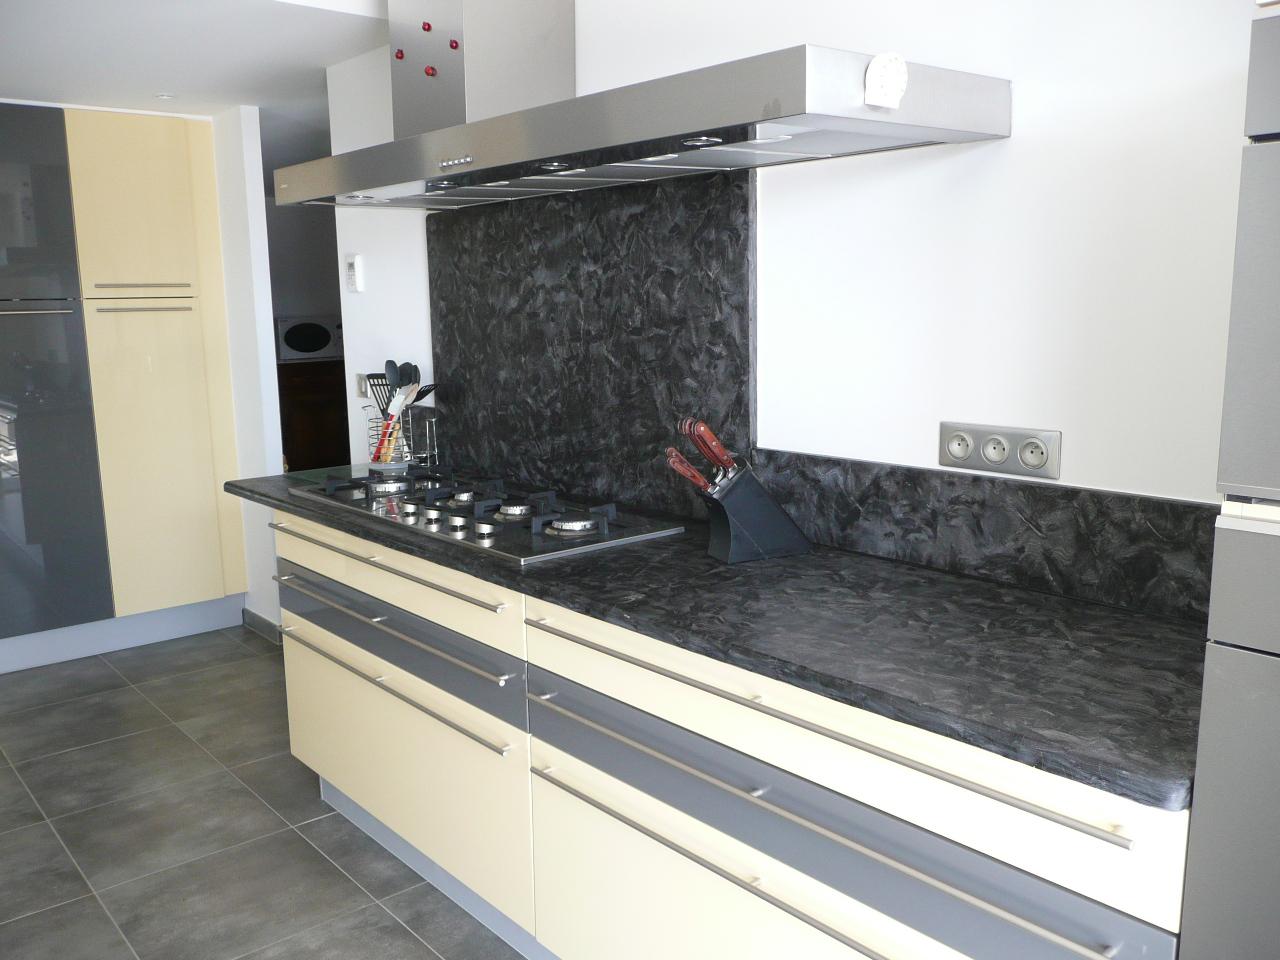 plan de cuisine en granit matrix france azur france azur. Black Bedroom Furniture Sets. Home Design Ideas